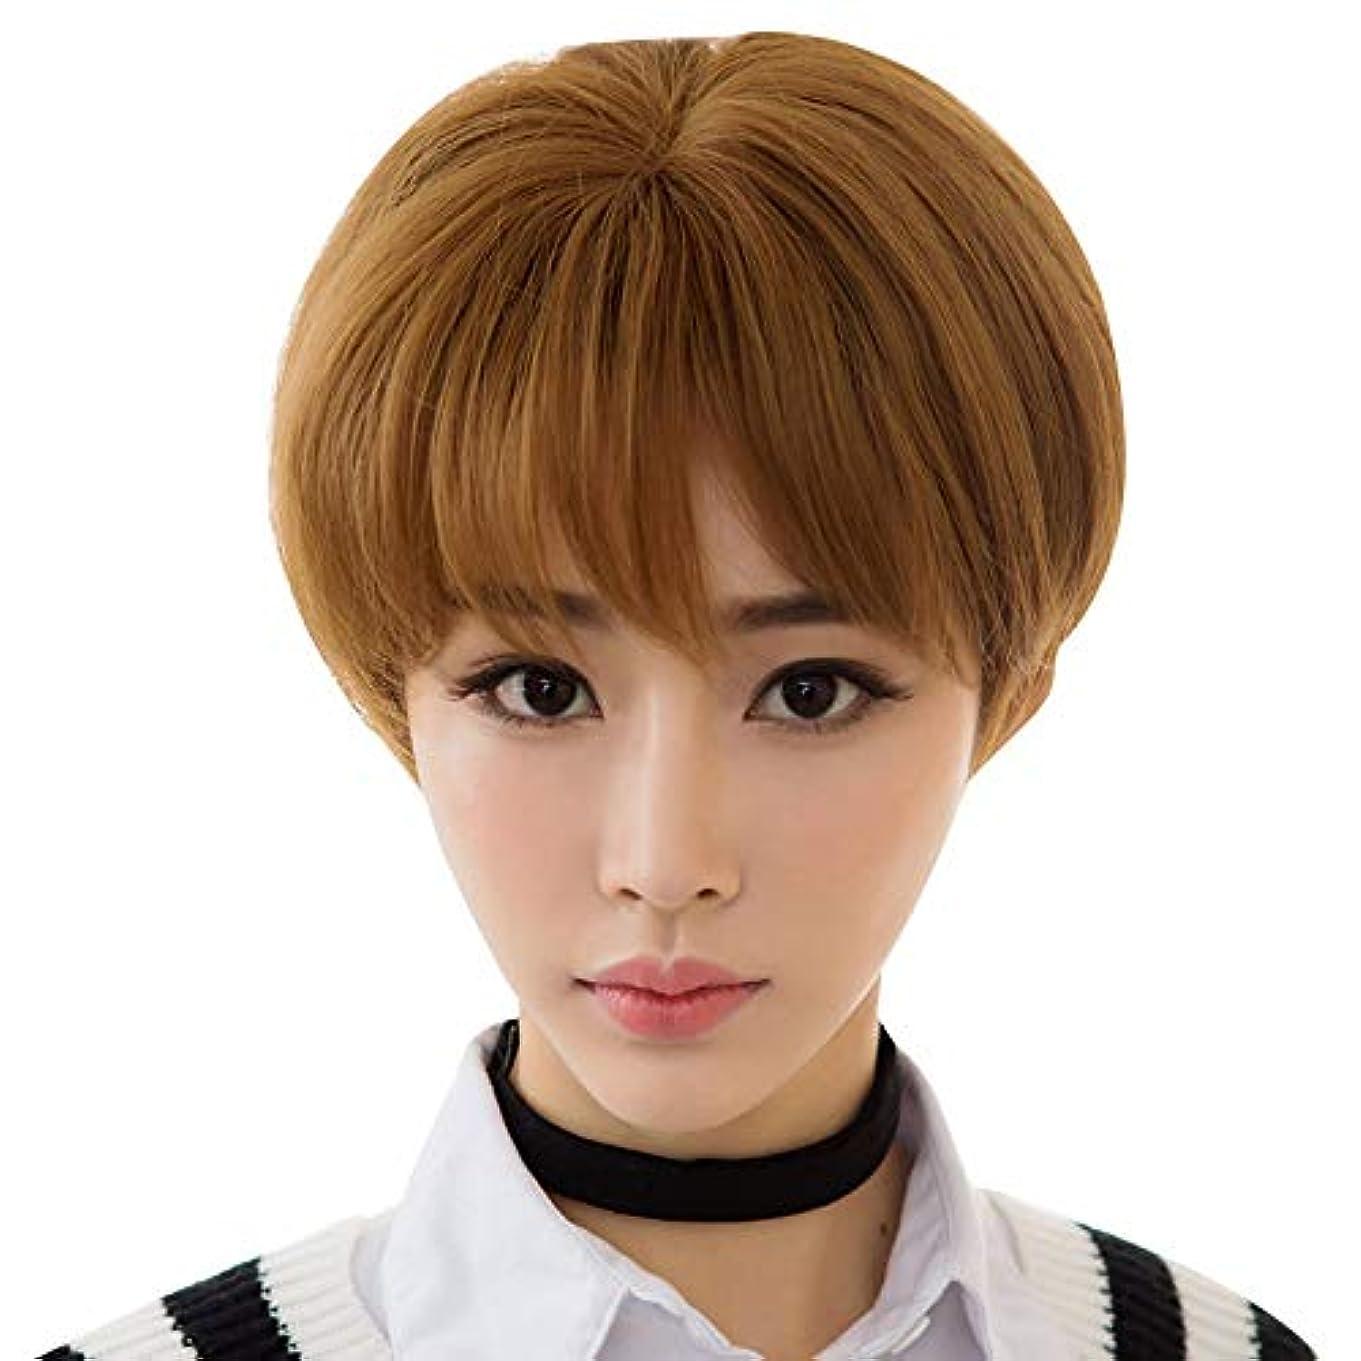 SRY-Wigファッション ショートボブウィッグショートストレートヘアウィッグ女性パーティーコスプレウィッグ用パーティークリスマスハロウィンコスチューム